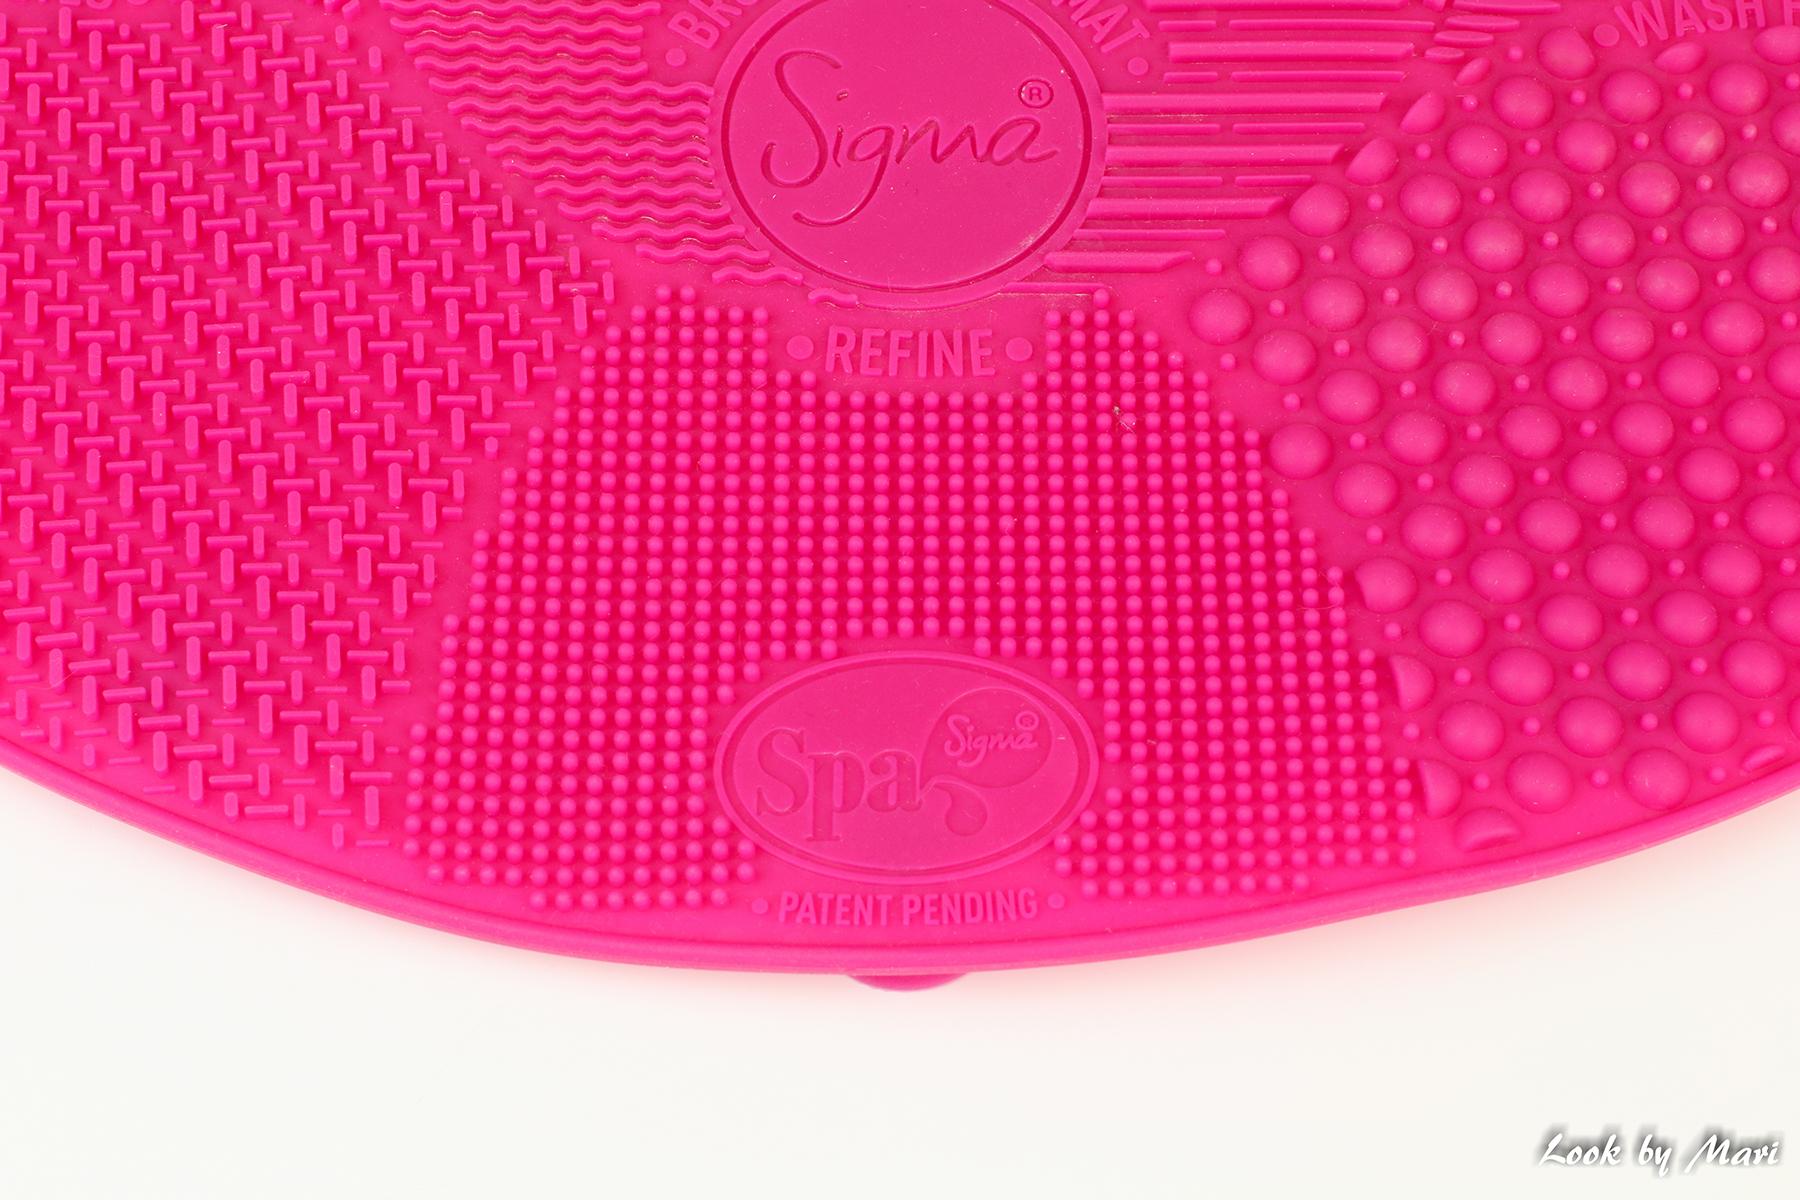 6 sigma beauty kokemuksia parhaat tuotteet mitä ostaa